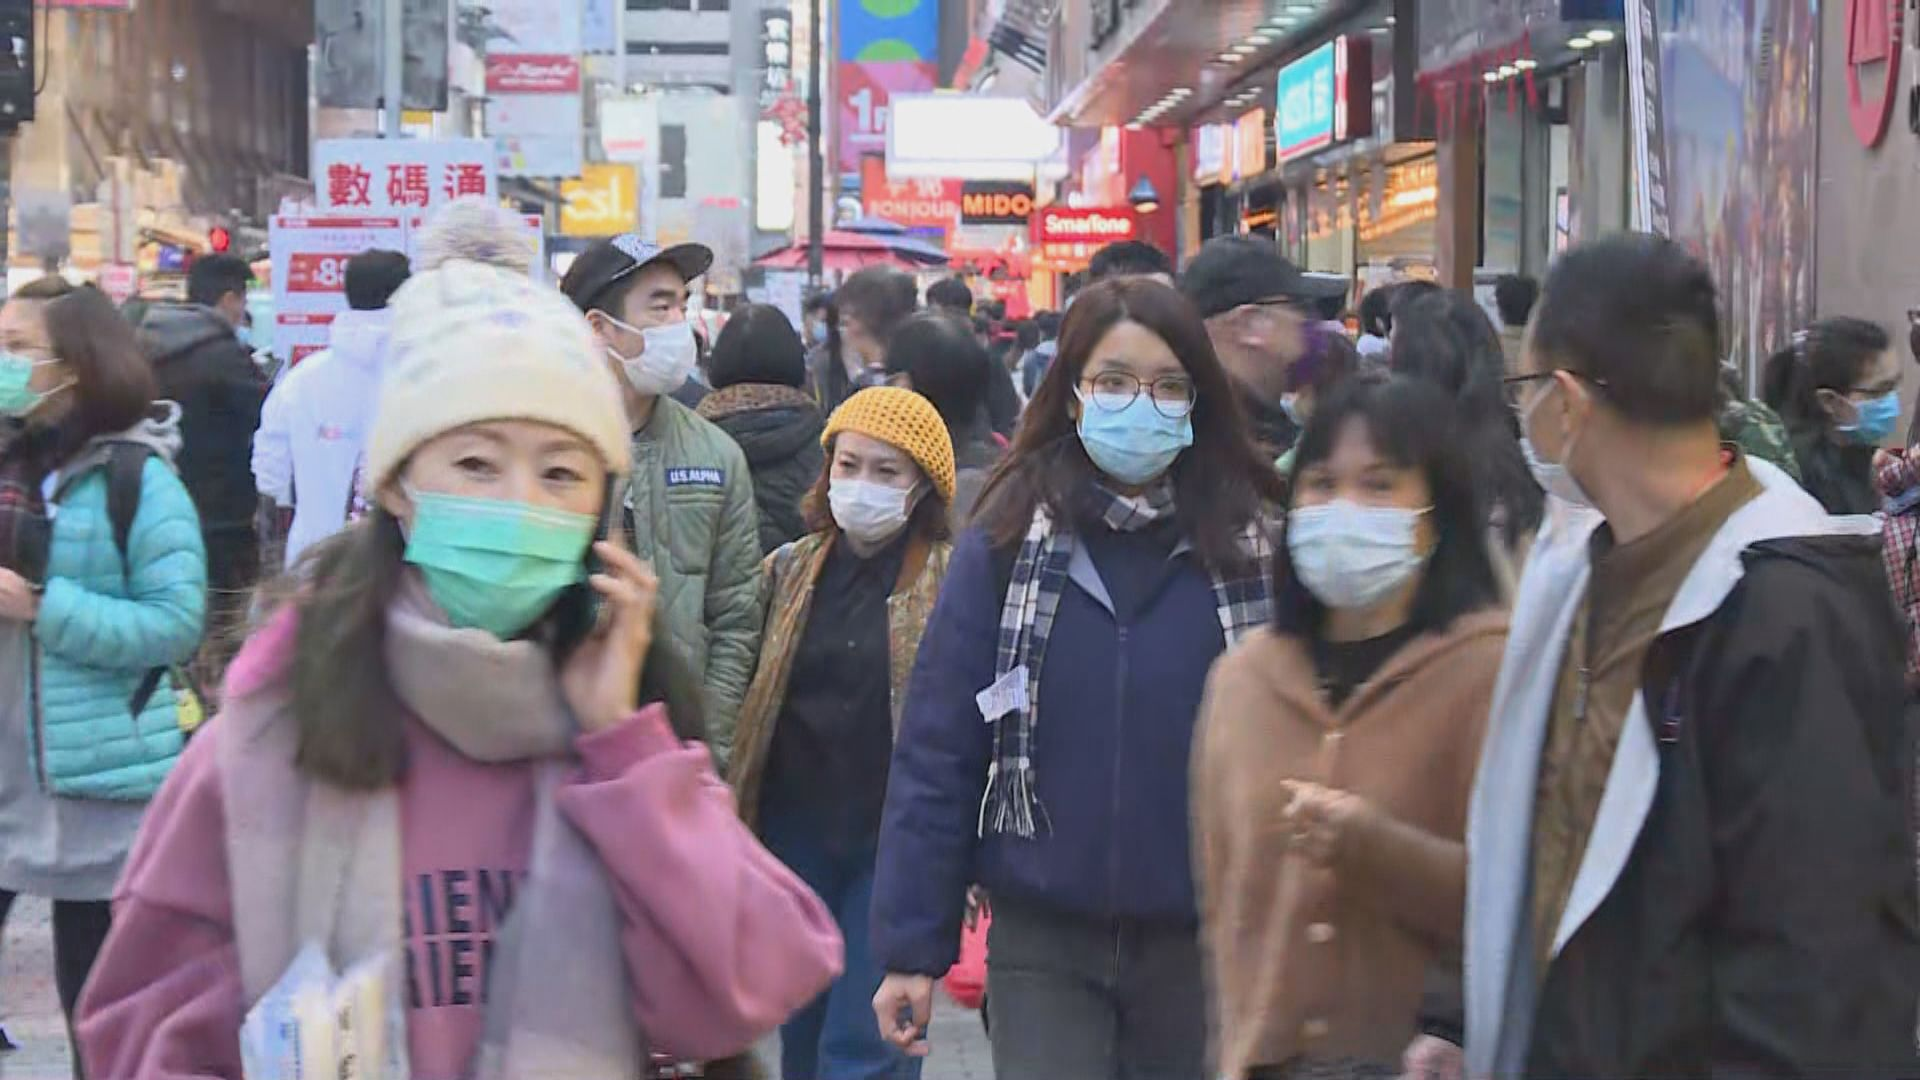 林鄭:疫情下降速度緩慢 需再觀察才放寬防疫措施